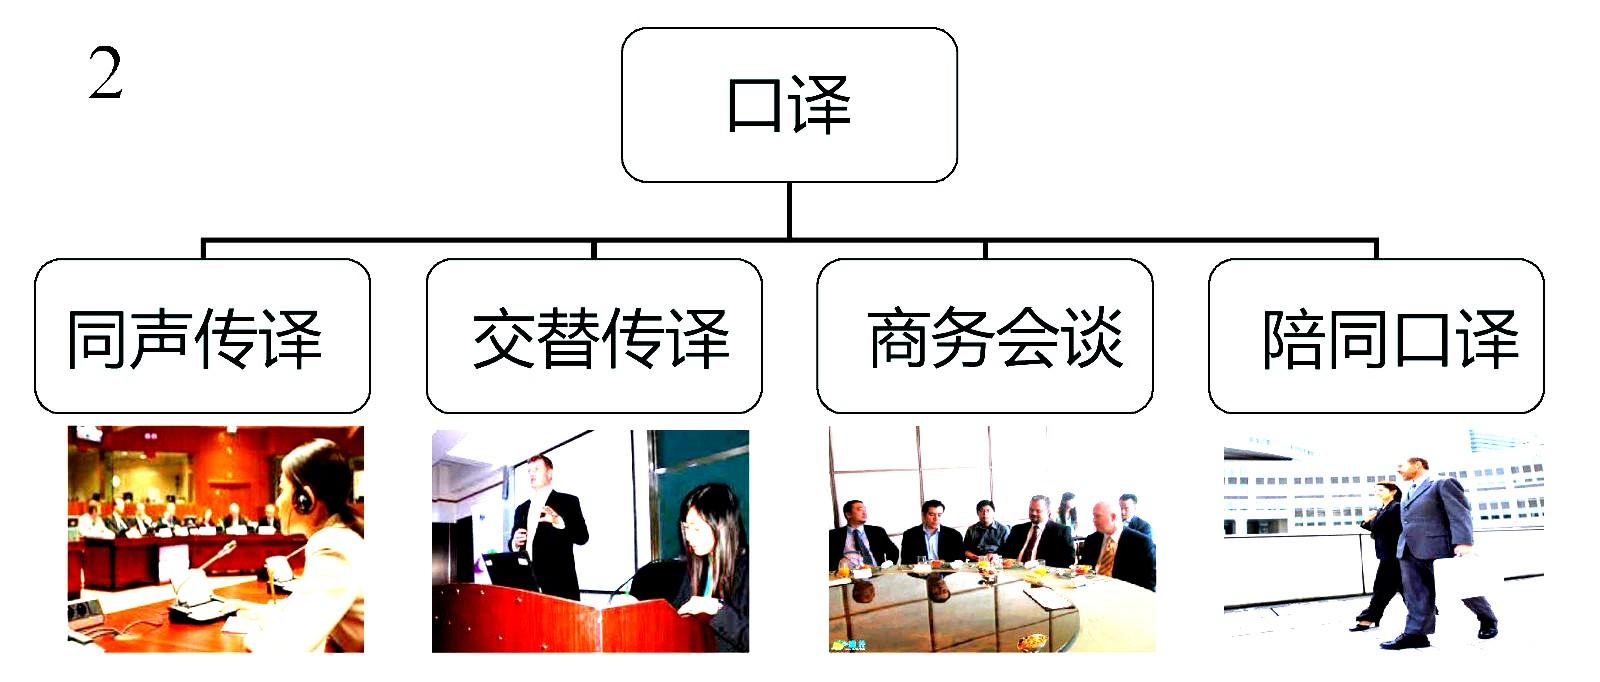 口译服务体系